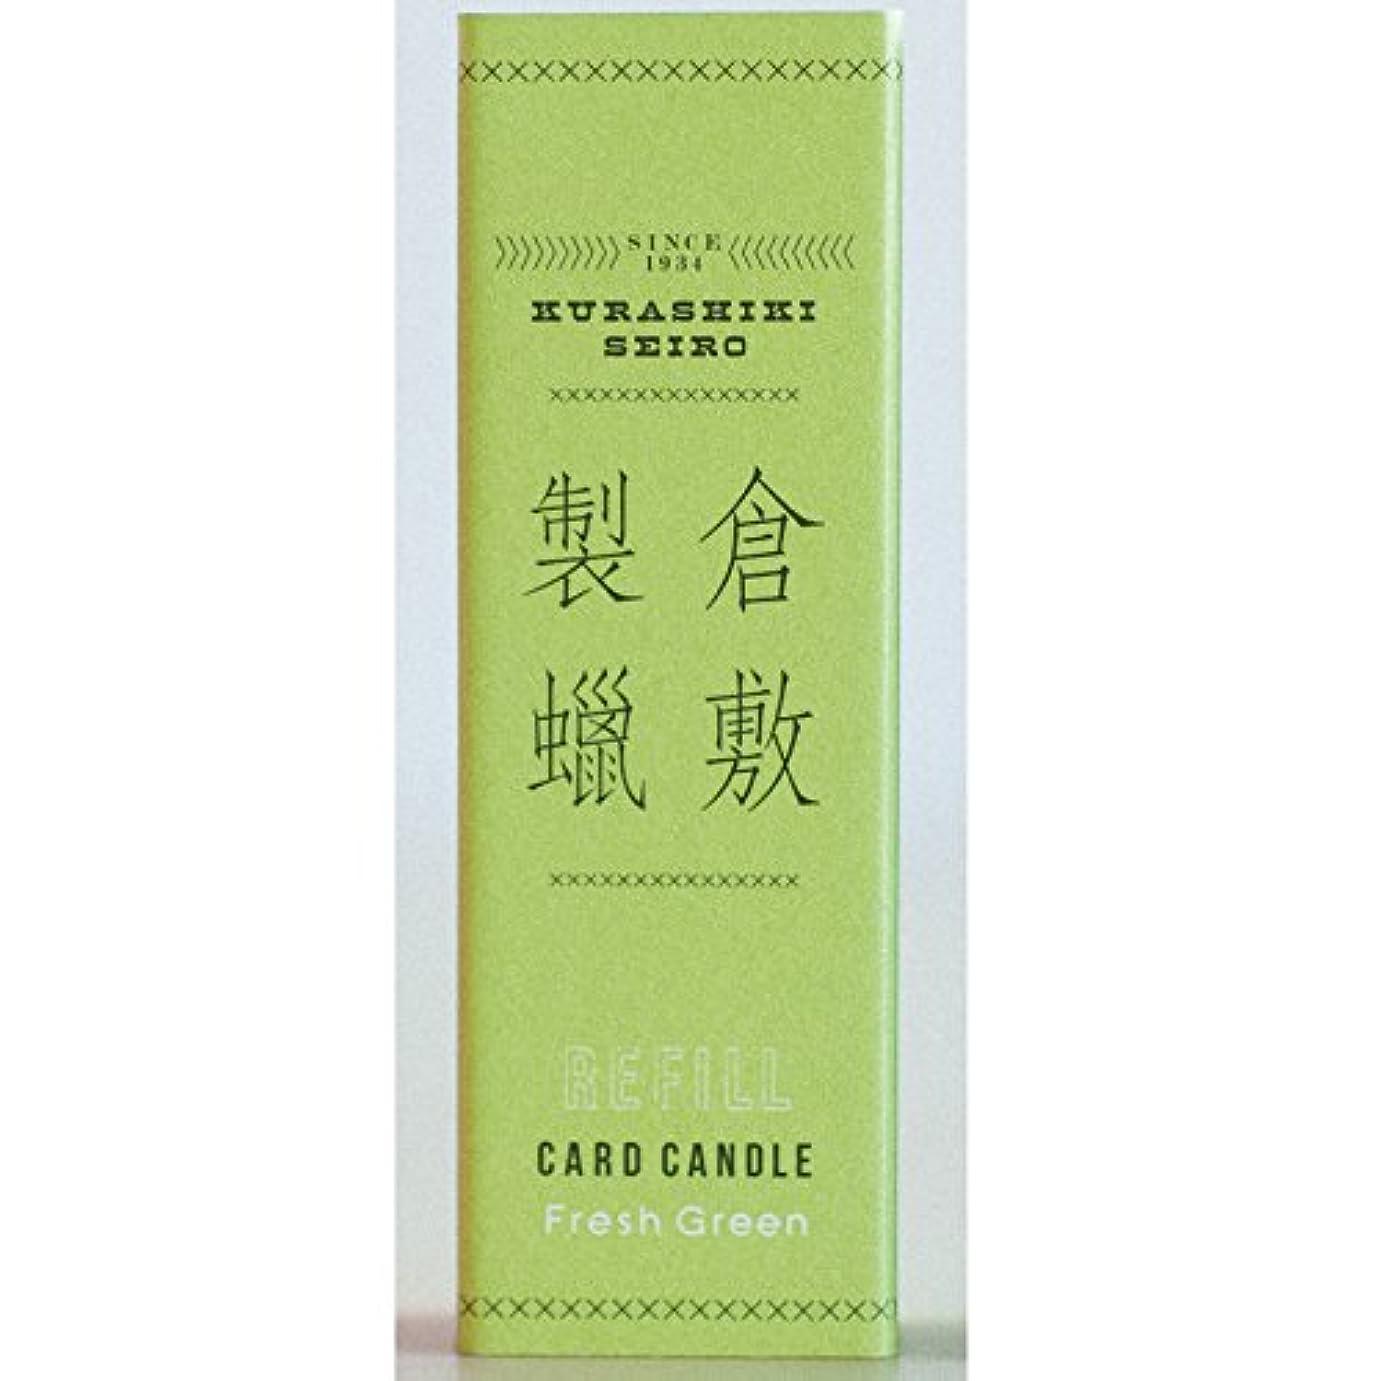 返済潜むチョーク倉敷製蝋 CARD CANDLE REFILL (Fresh Green)